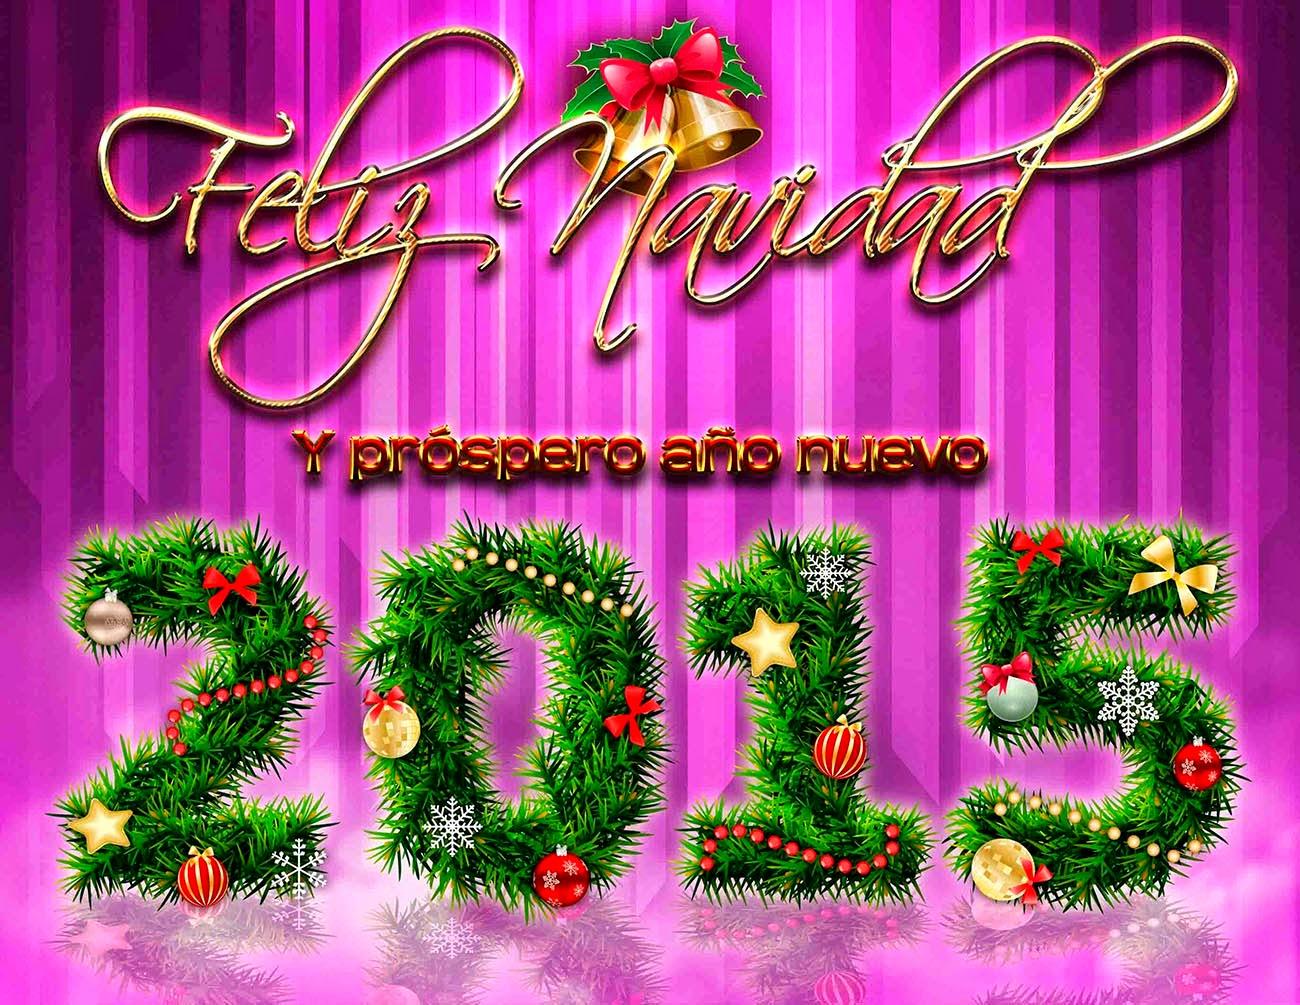 Feliz navidad y prospero a o nuevo 2015 psd el centro de - Frases de feliz navidad y prospero ano nuevo ...